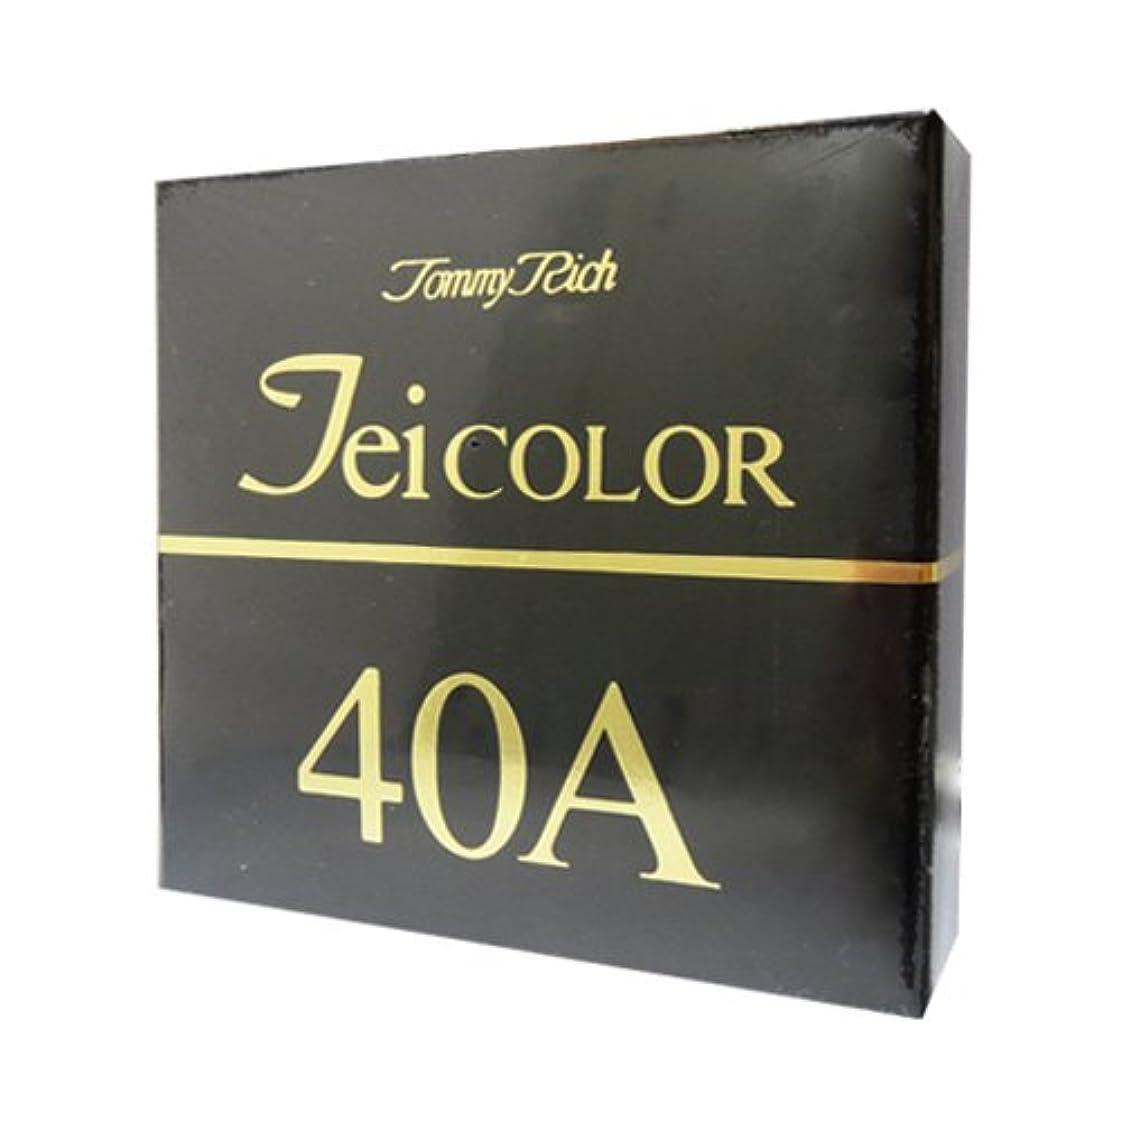 持続する広告主信仰トミーリッチ TEIカラー 40A(普通肌用)